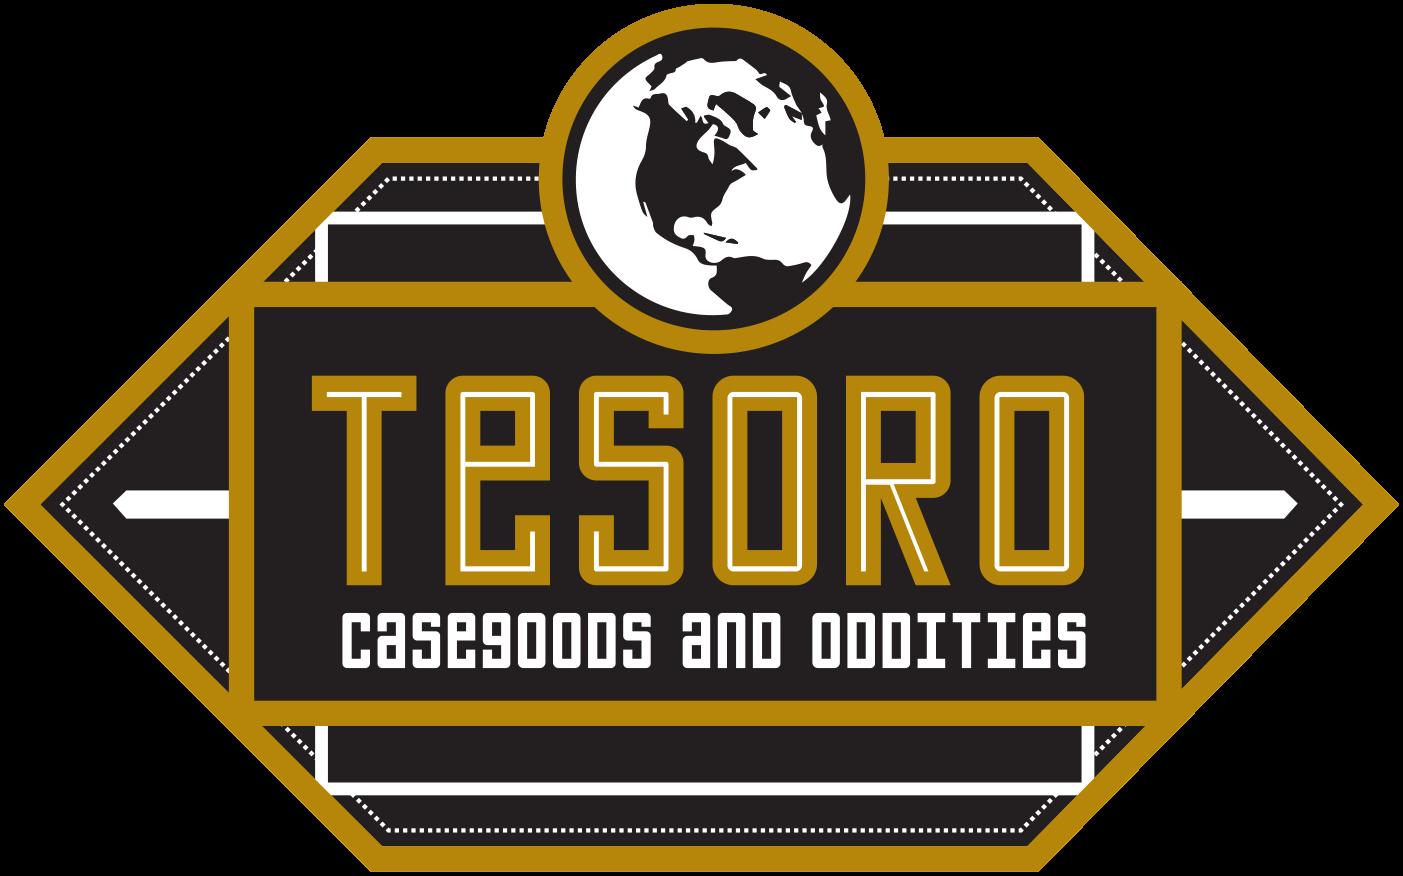 Tesoro Casegoods and Oddities